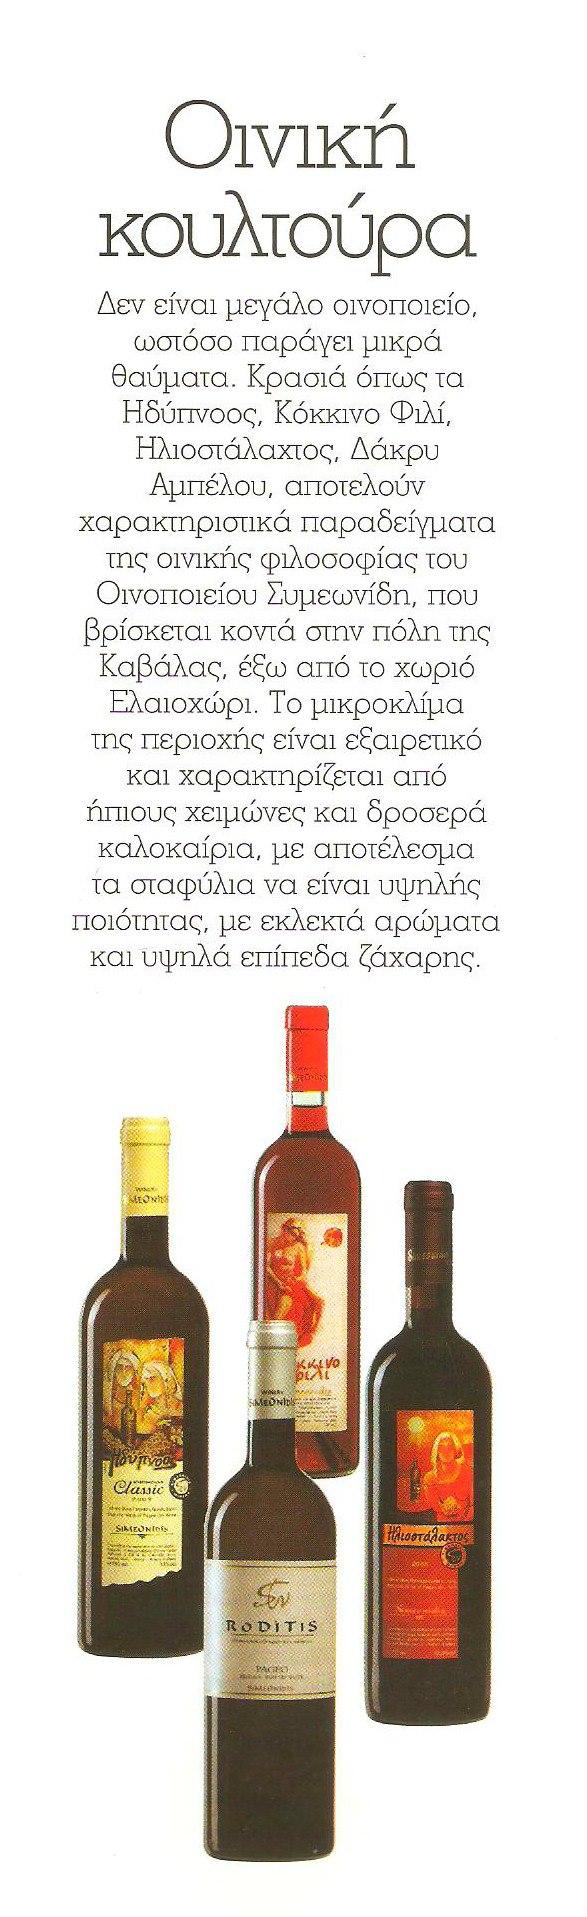 Paper Magazine, Issue 2, June 2008